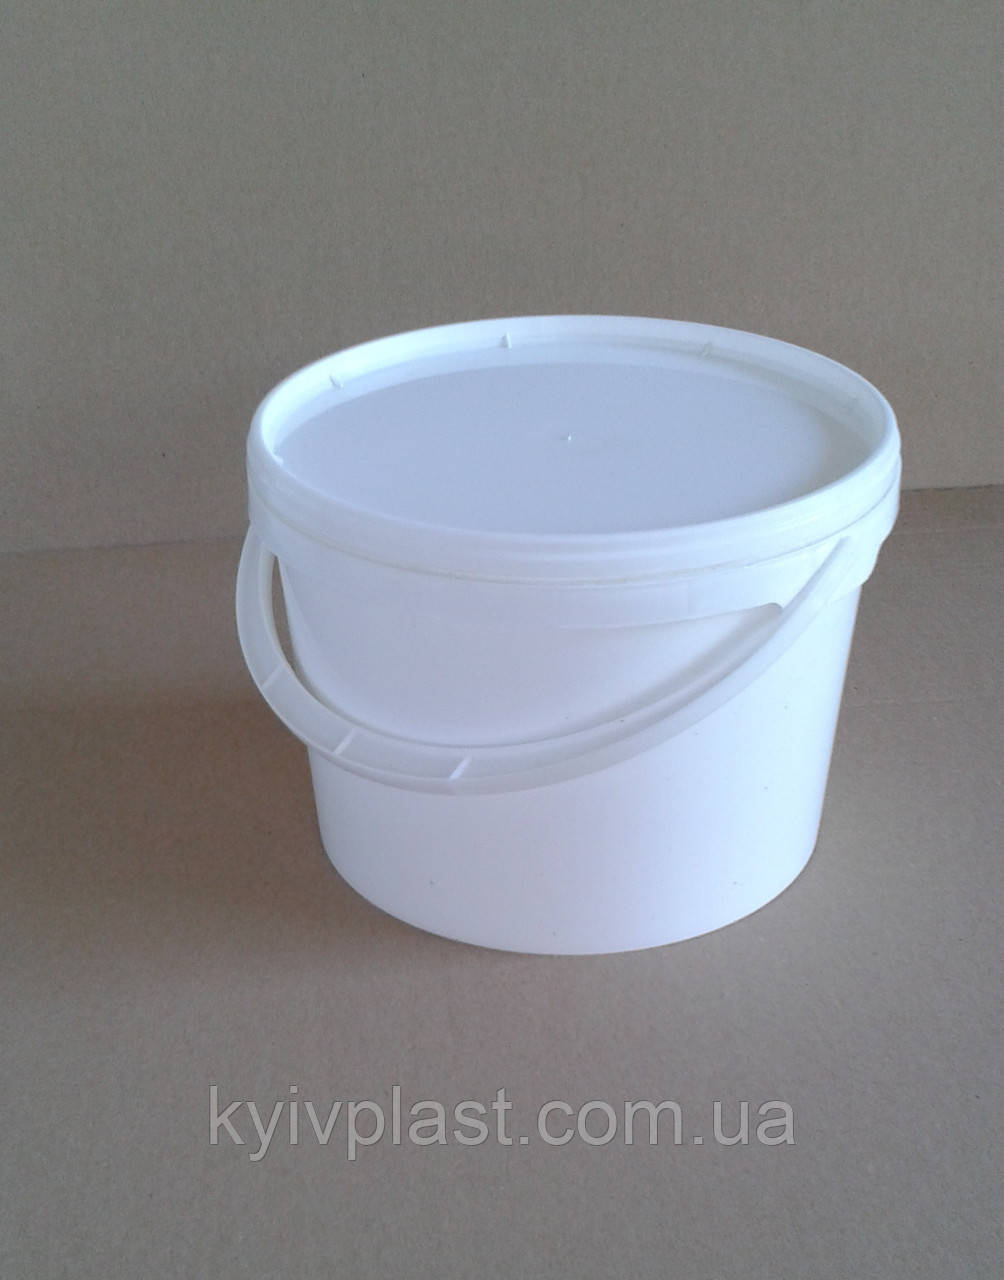 Ведро пластиковое пищевое 10л белое